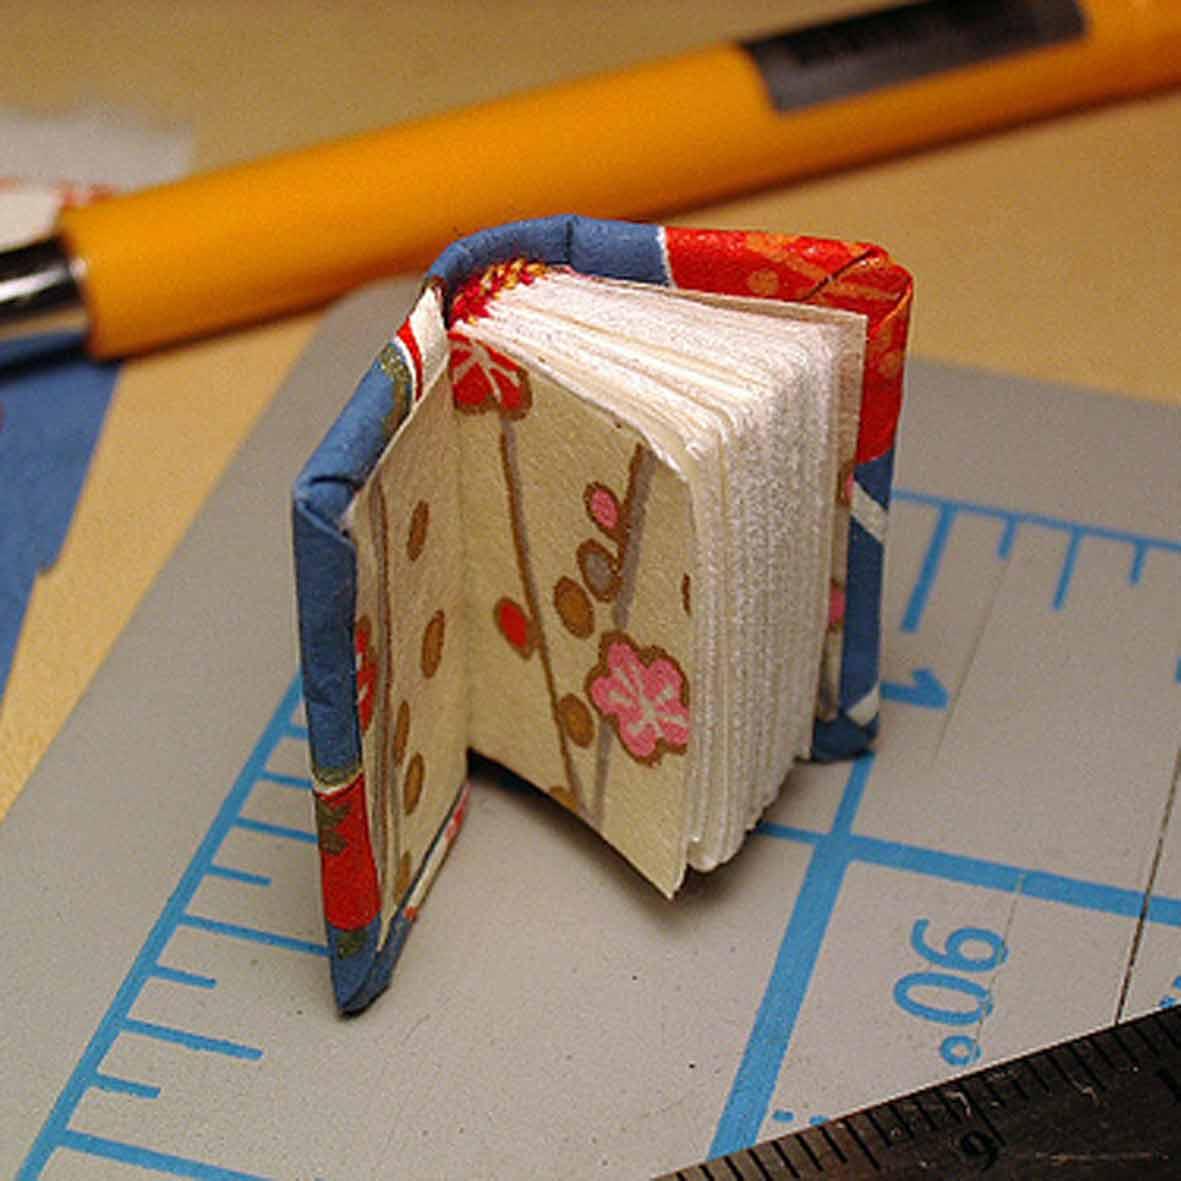 Мастер-класс: Изготовление книги